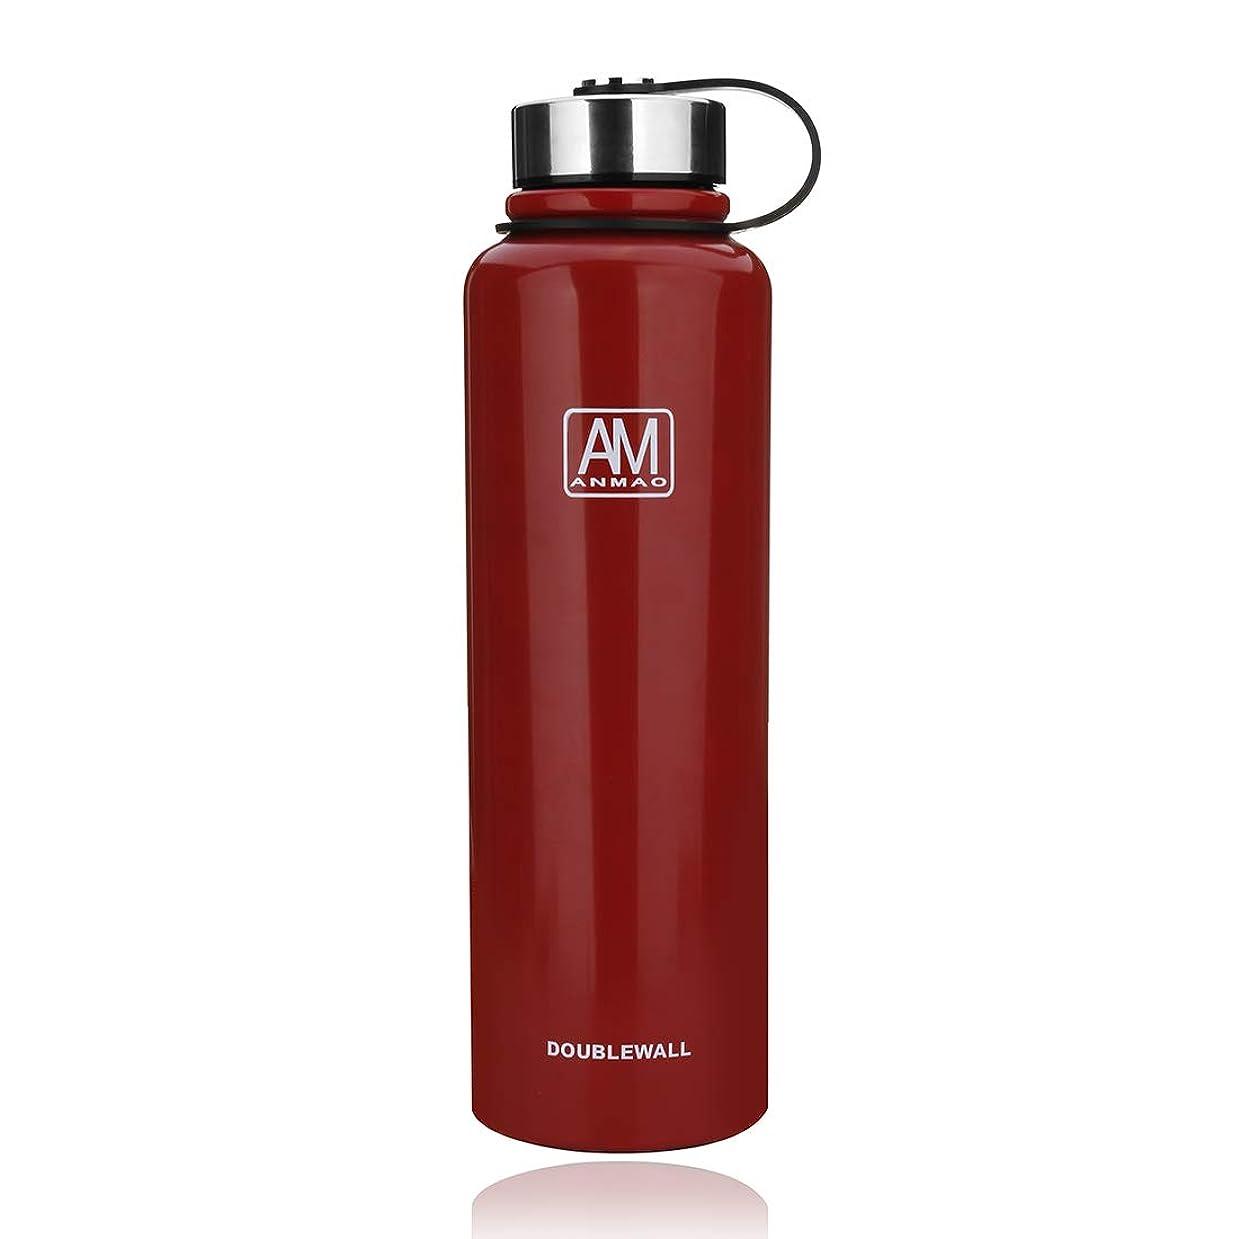 フリースエジプト人デコレーションSCILLO(エスシーアイエルエルオ) 水筒 スポーツボトル 真空断熱 保冷 ステンレス鋼304 直飲み 0.6/0.8/1.1/1.5リットル (レッド,610ml 195x86mm)